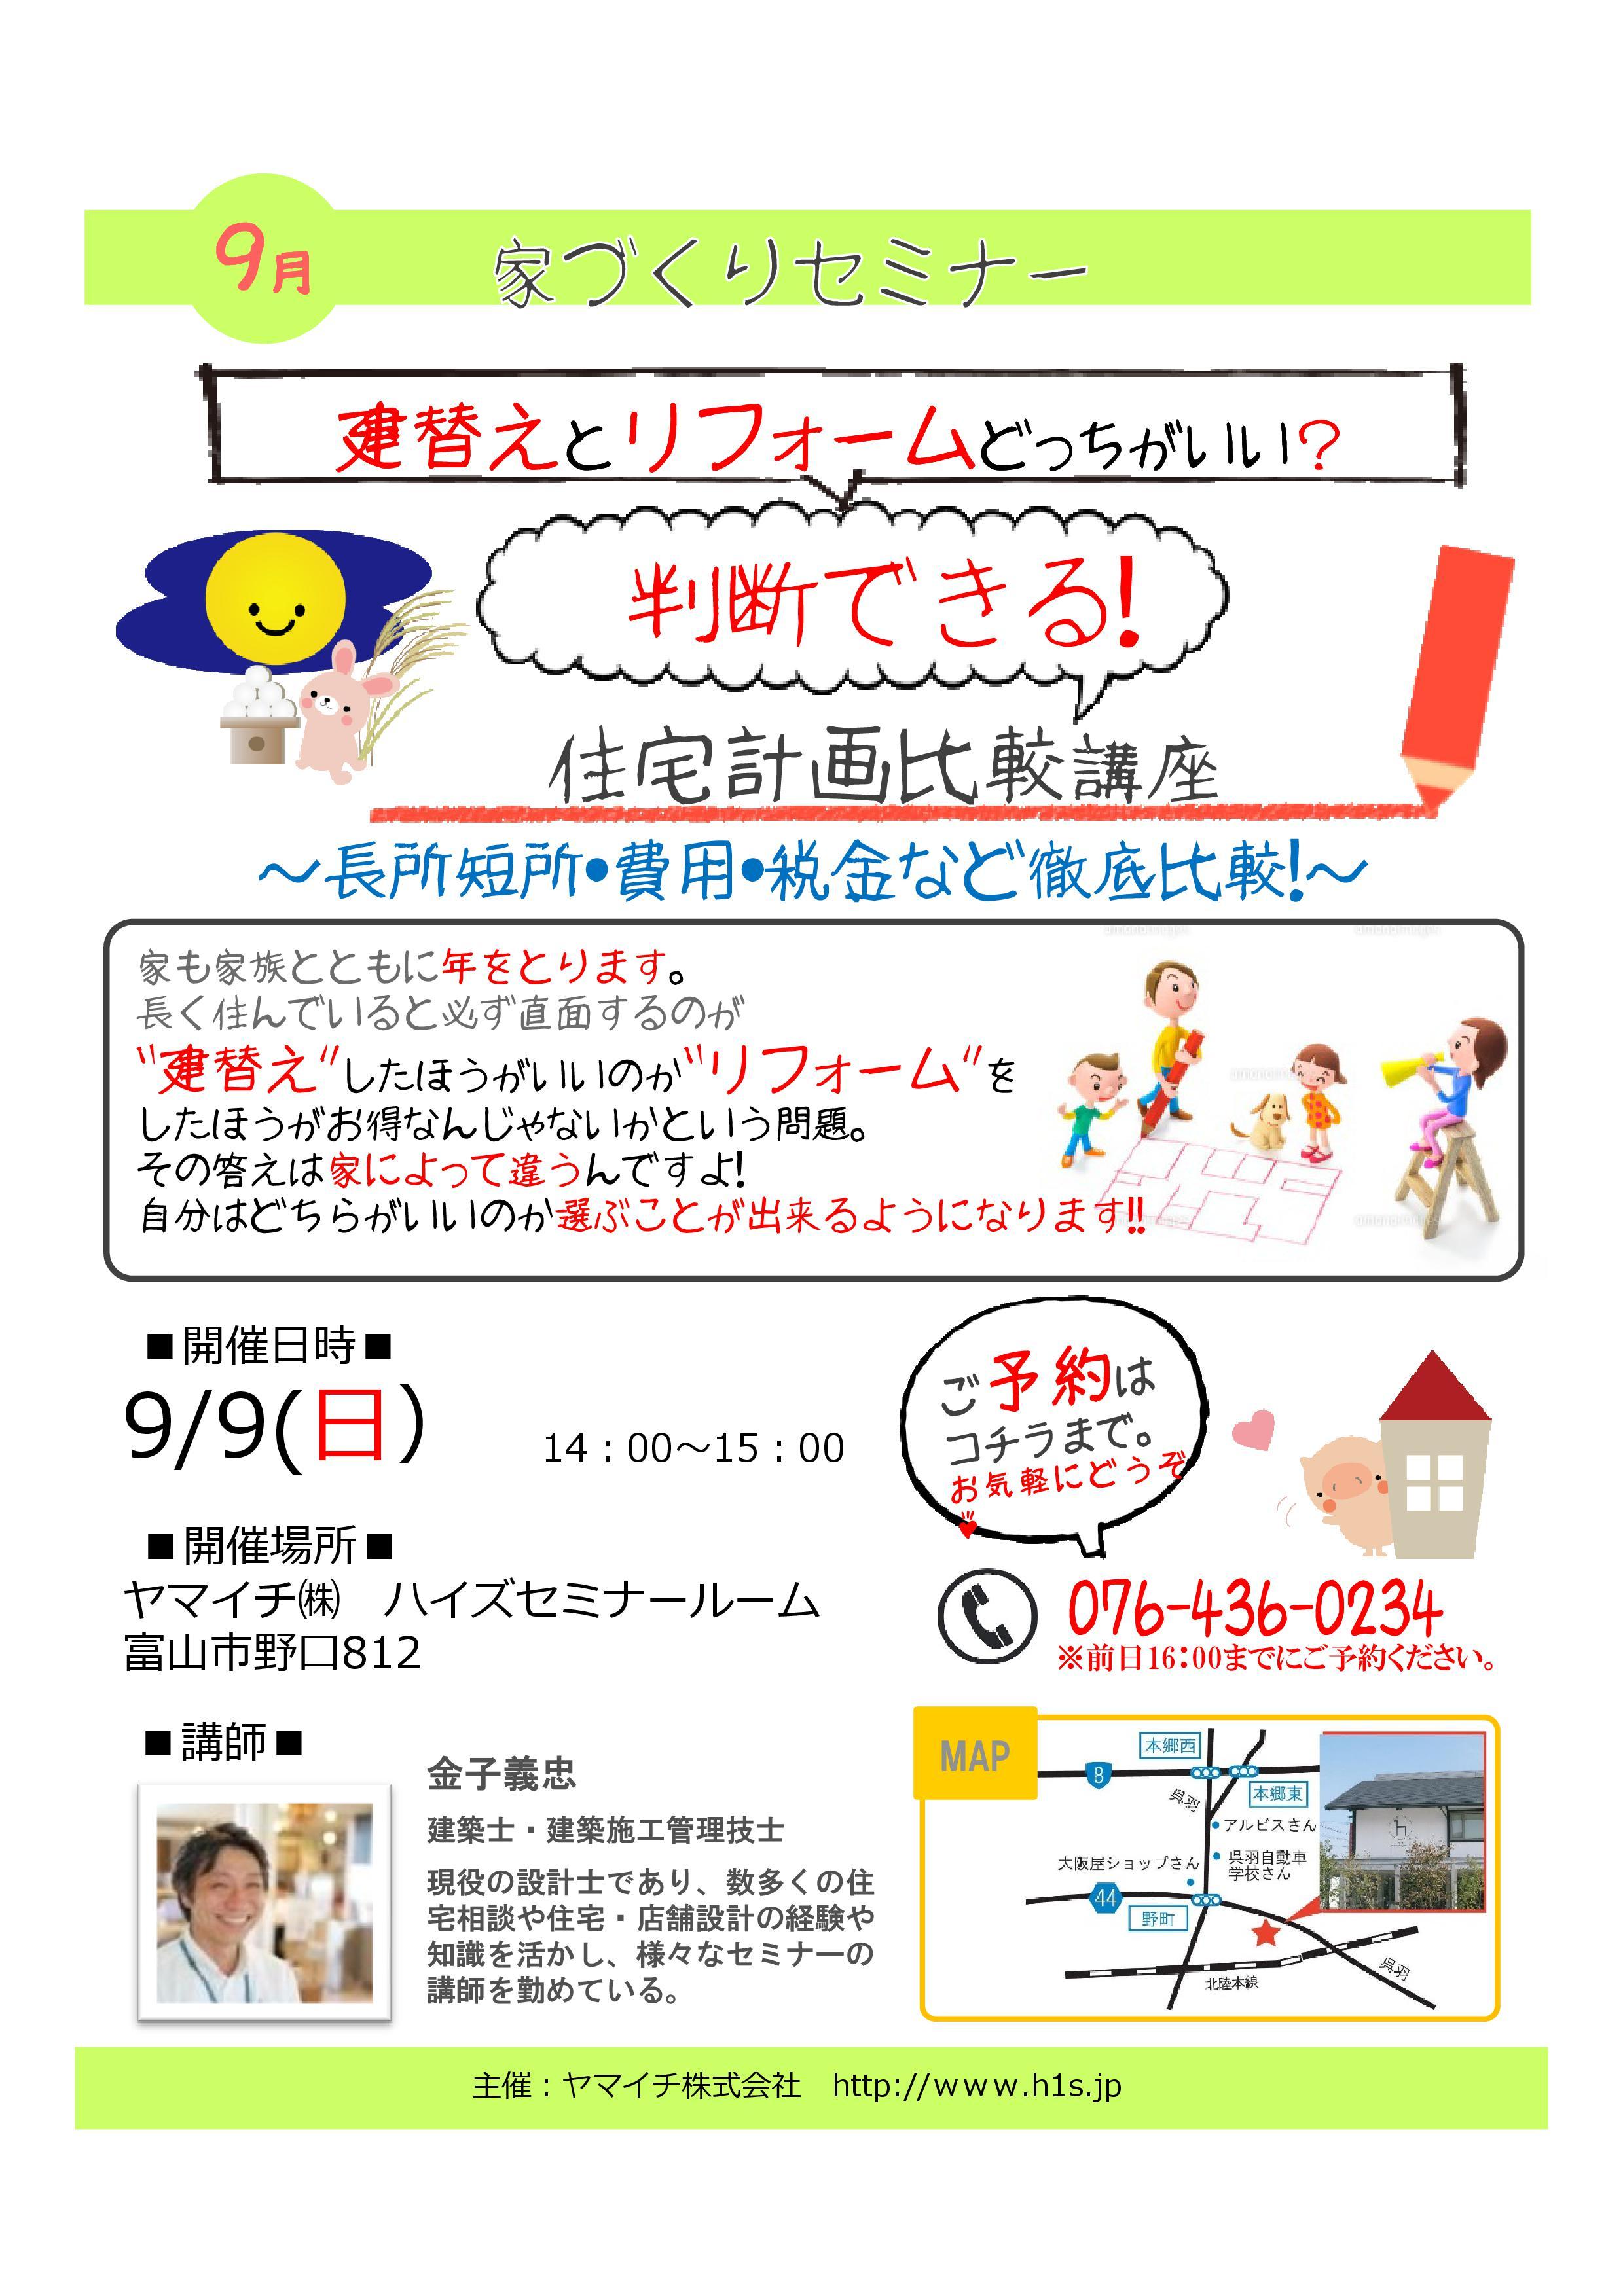 【セミナー】9/9(日)「住宅計画比較講座」